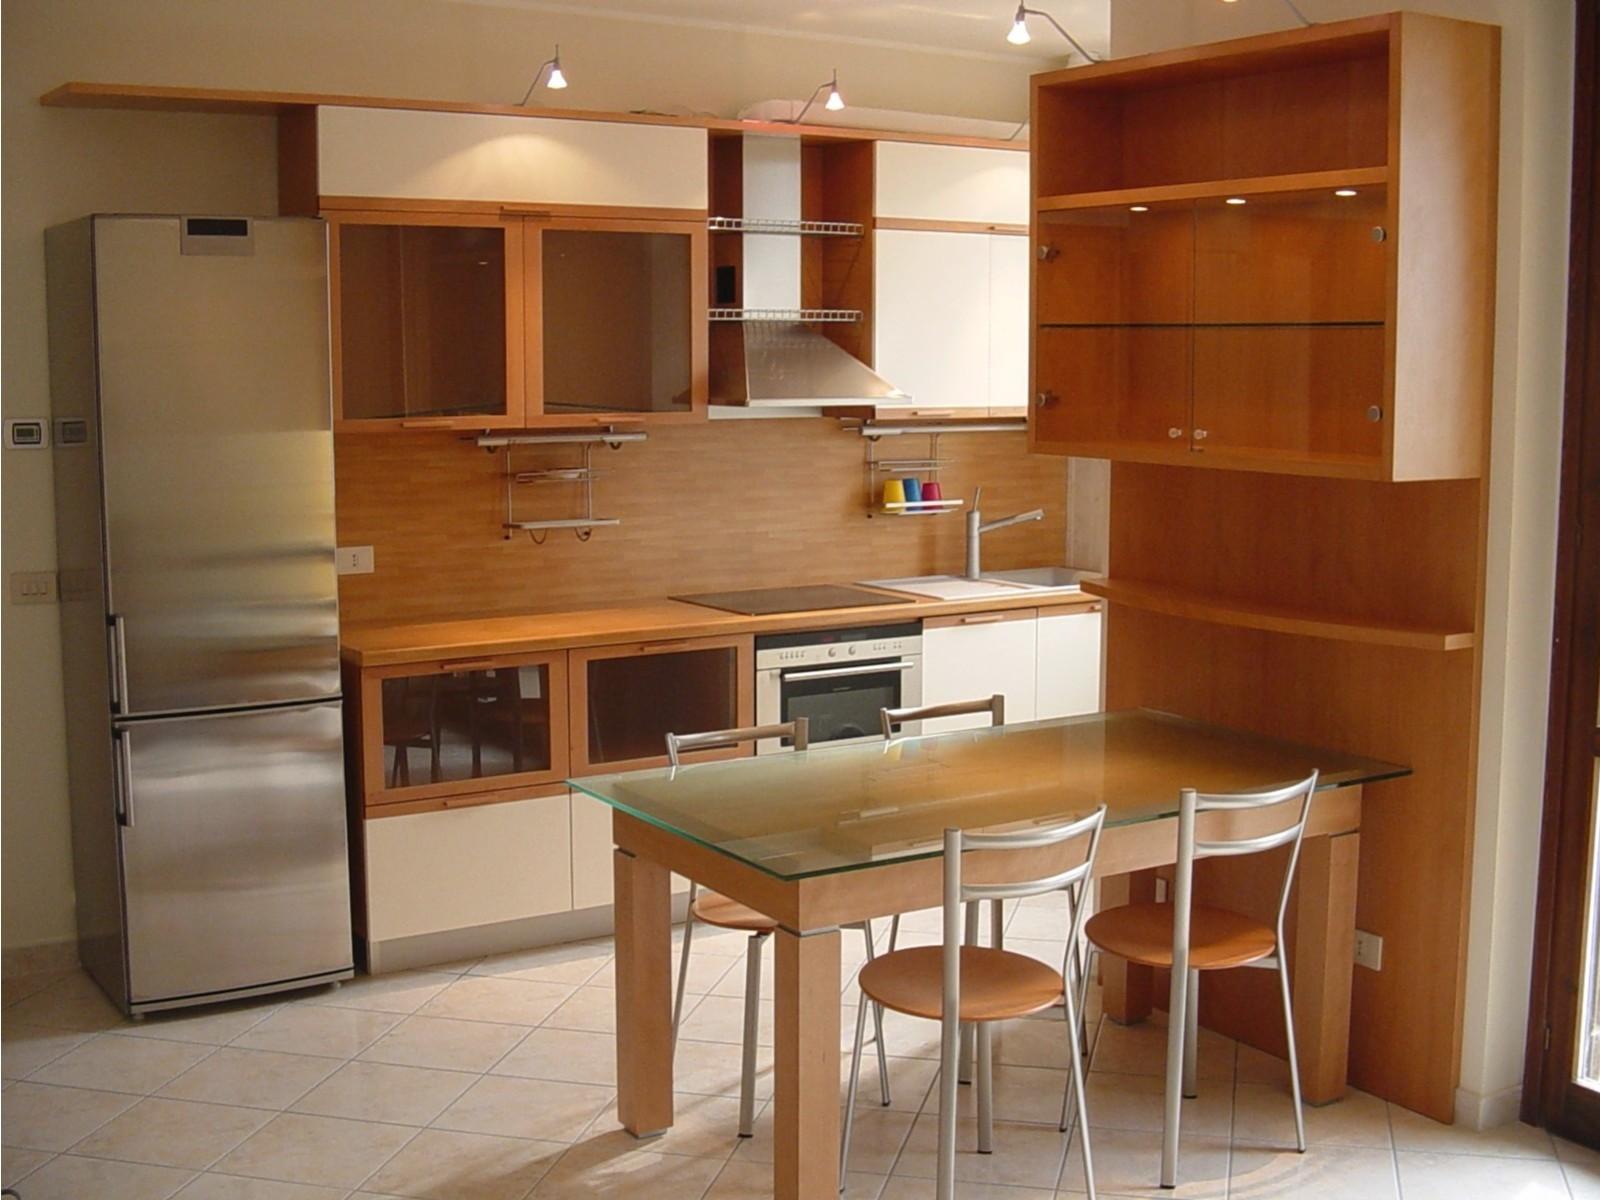 cucina-in-faggio-semi-evaporato-con-pannelli-laccati-panna1